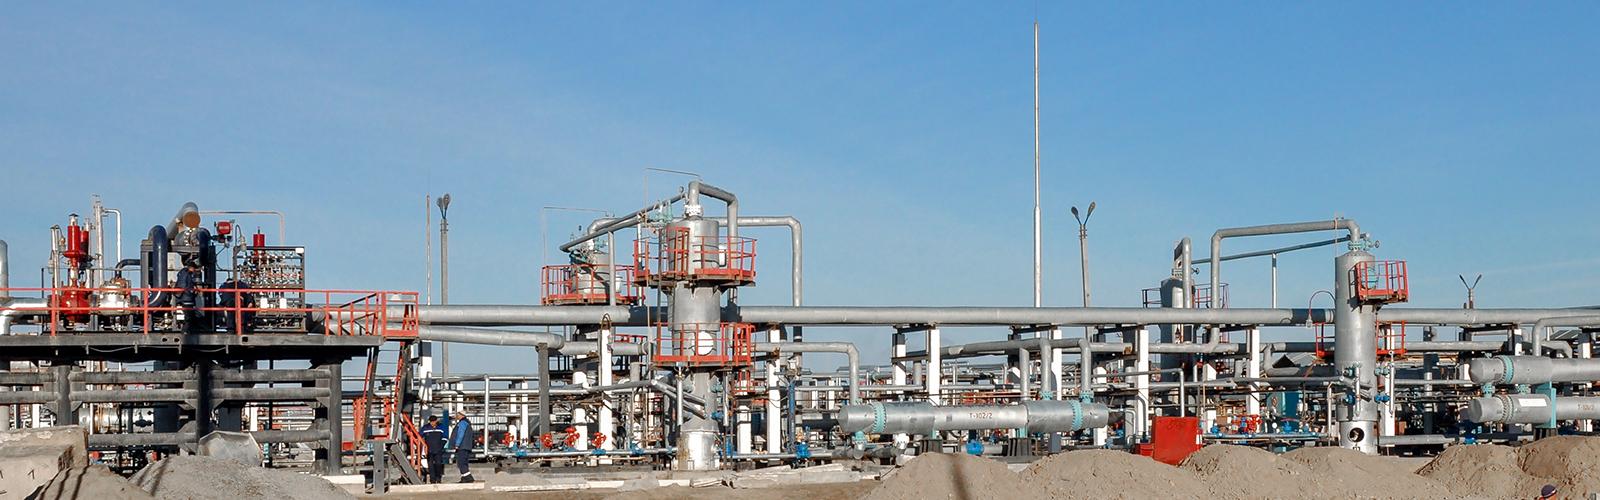 узбекнефтегаз - оборудование гелиймаш